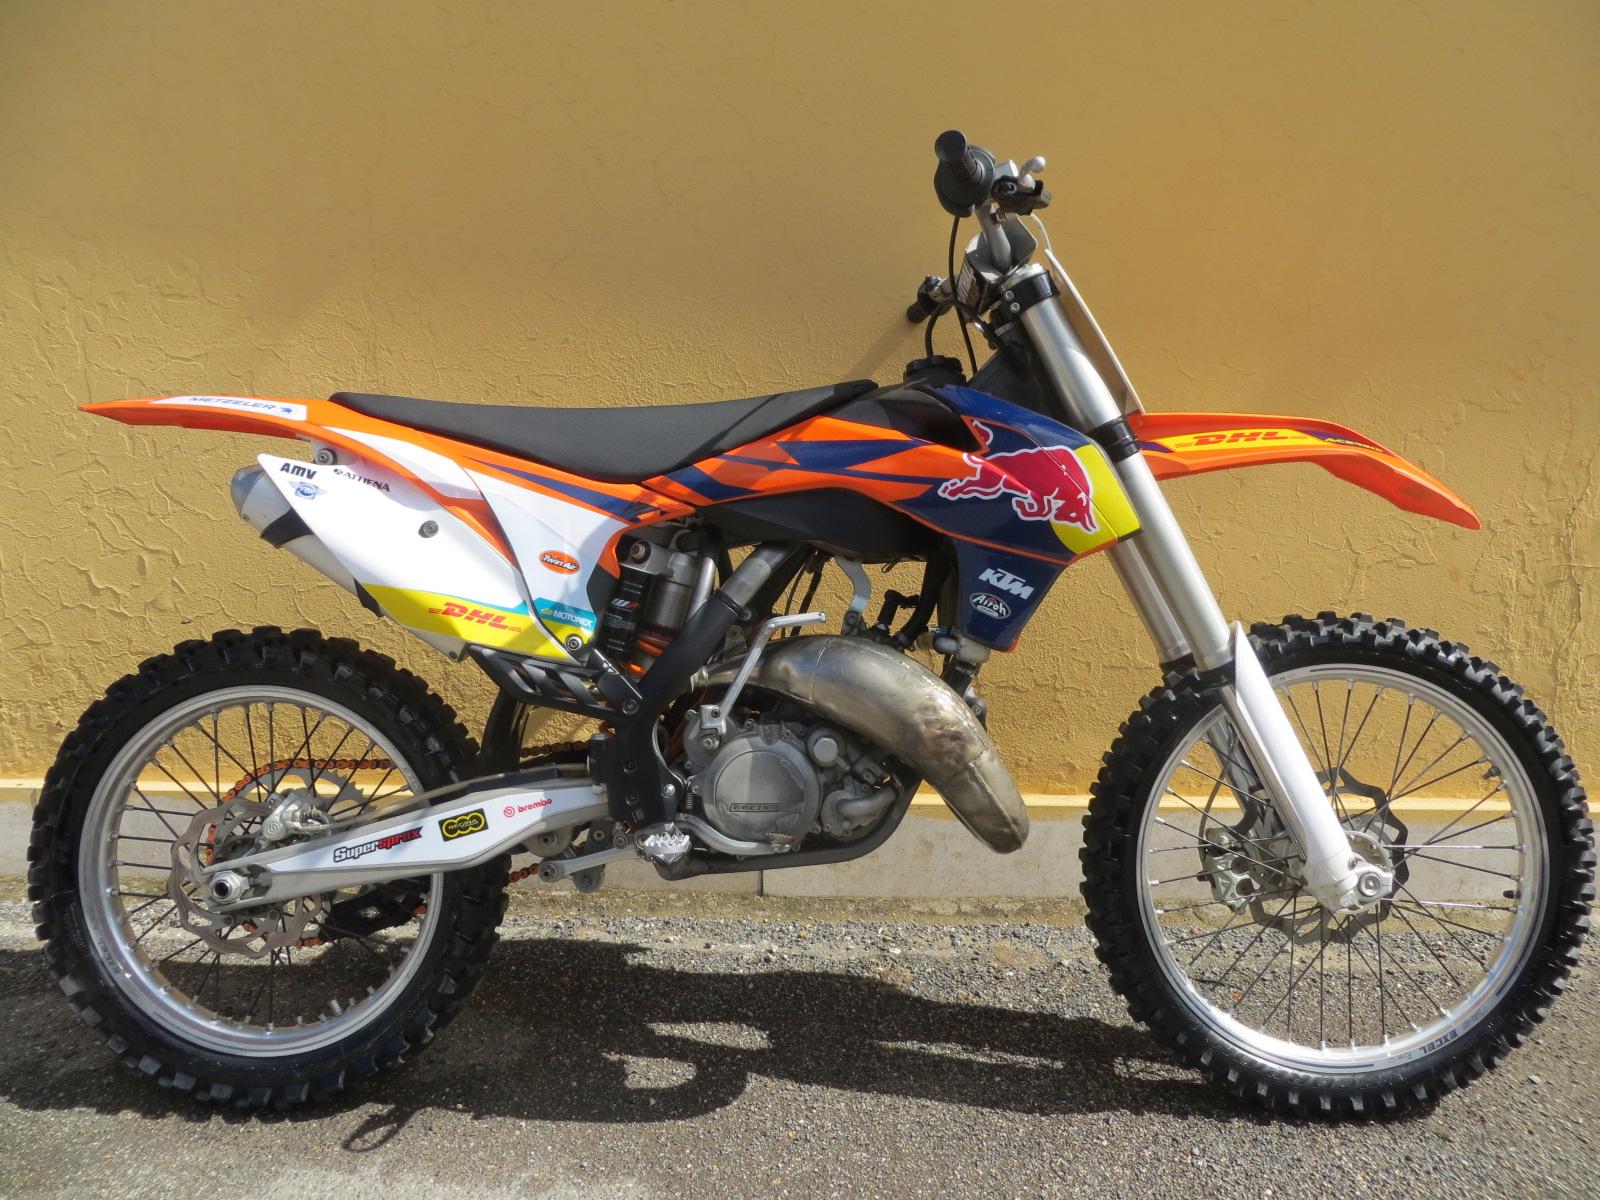 Ktm Ktm SX 125 cross